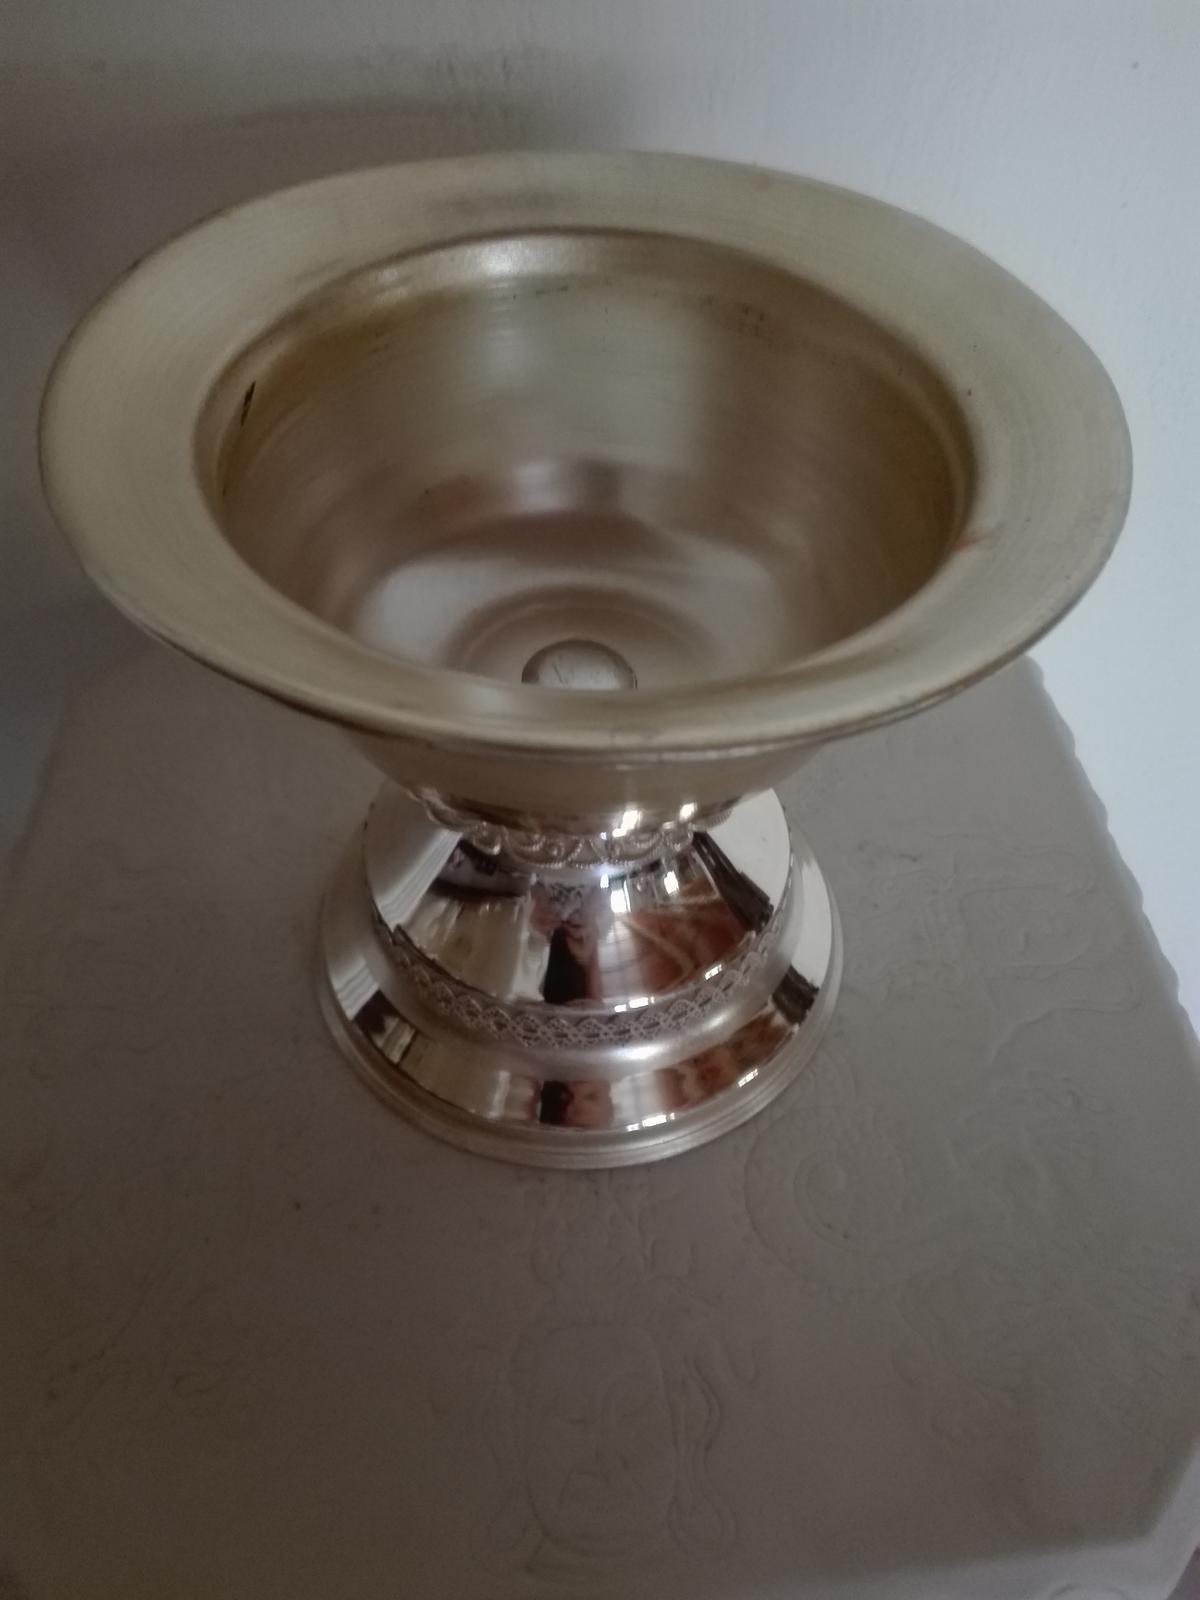 Strieborná starožitná nádoba - Obrázok č. 2